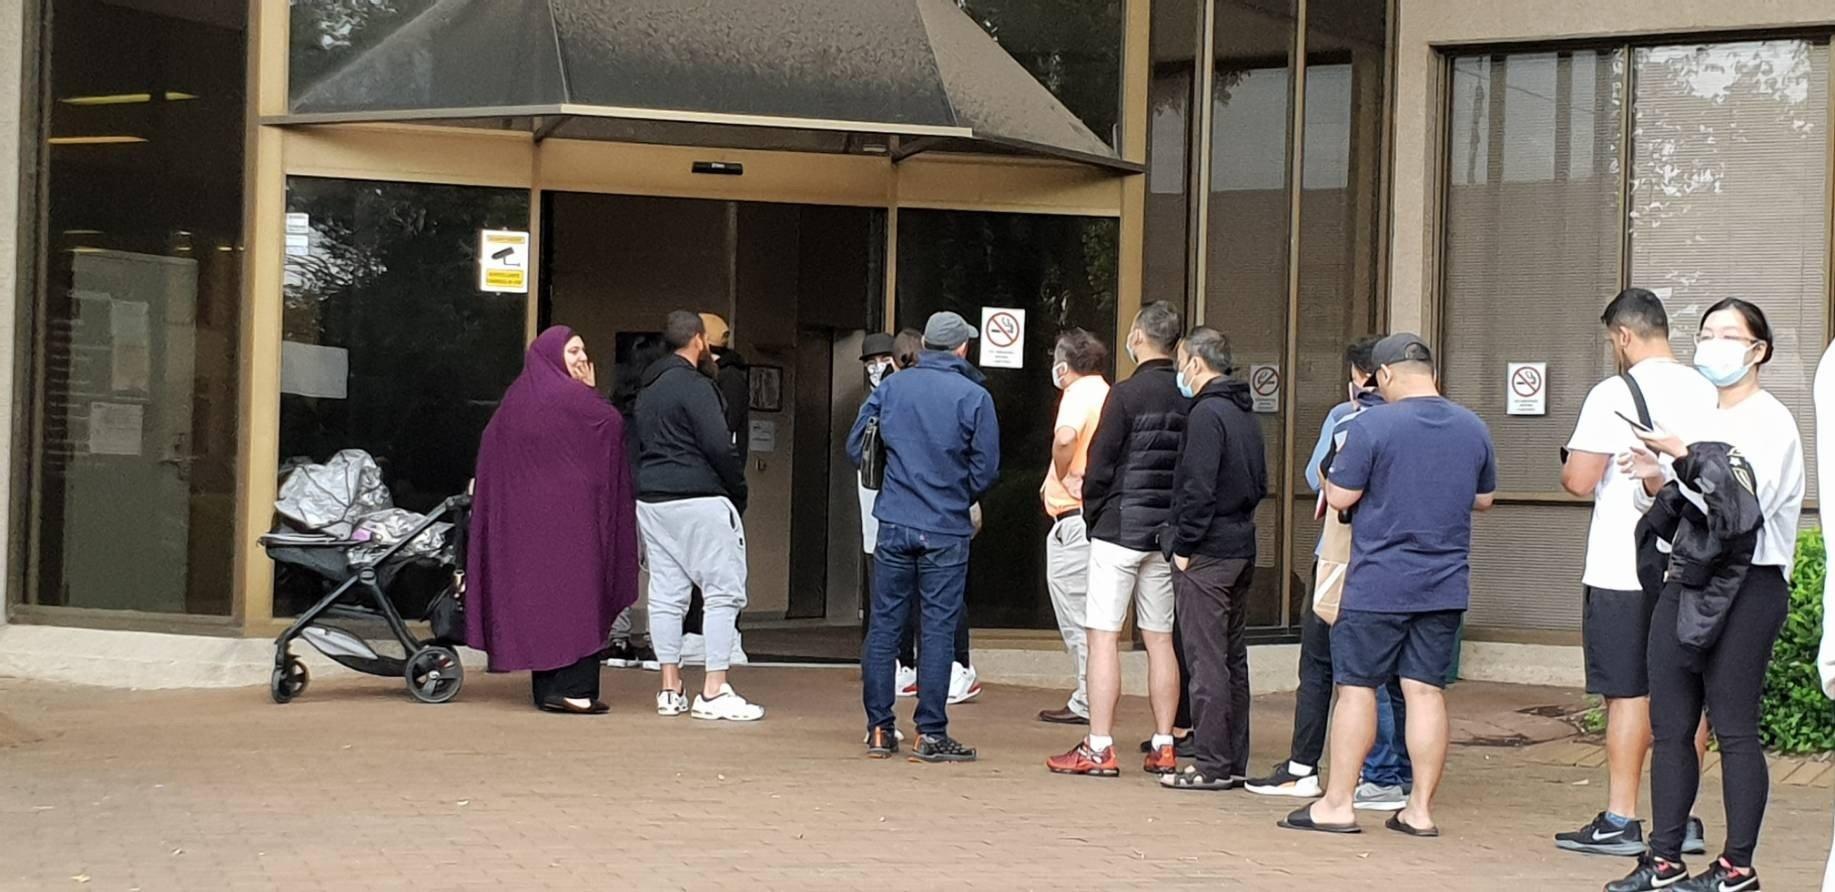 澳洲各个地区的Centrelink外面排队等待领取补助的人们。